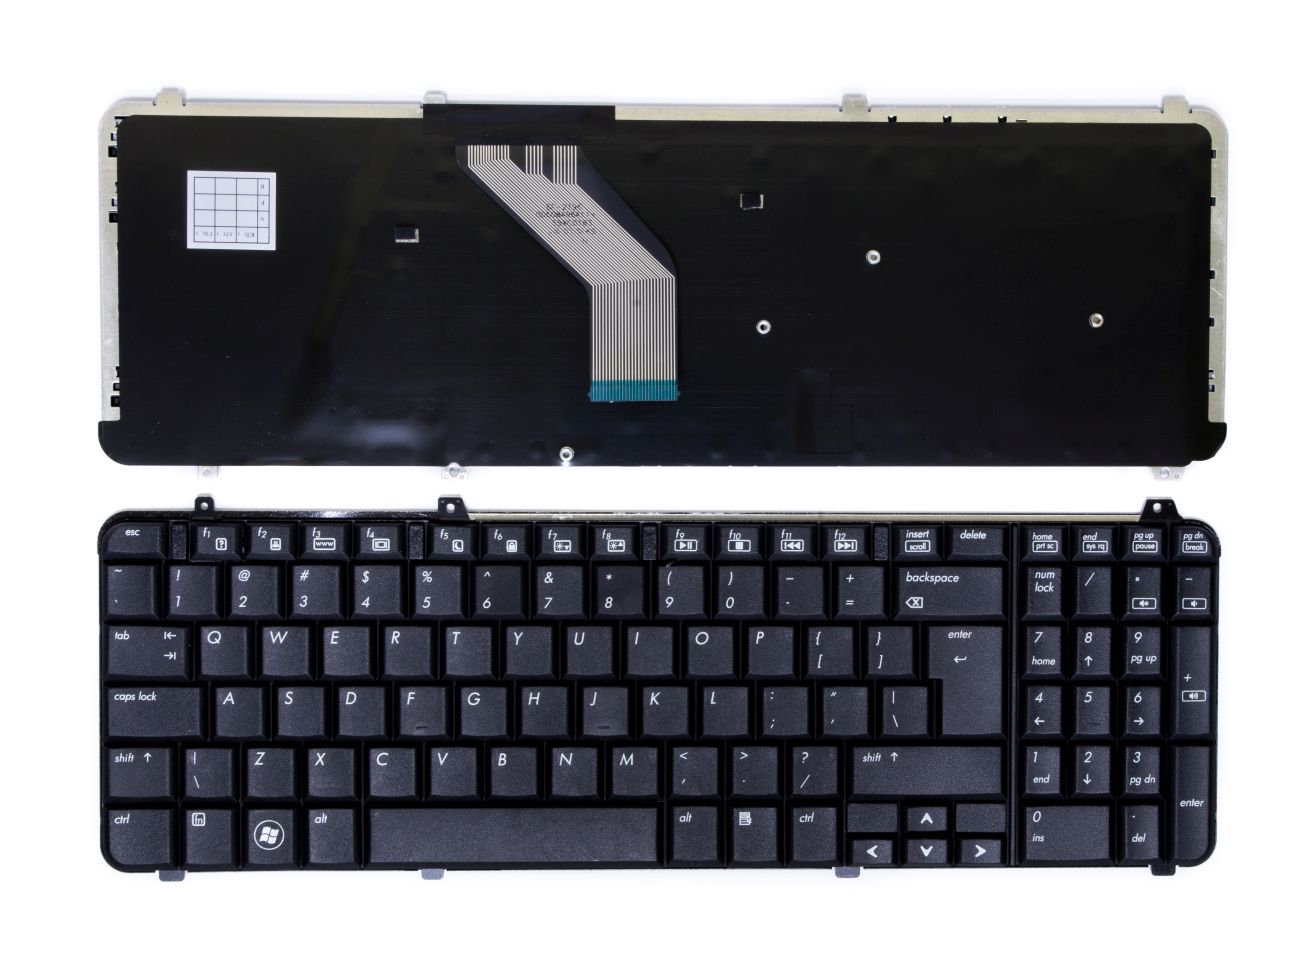 Klaviatūra HP Pavilion: DV6-1000, DV6-1100, DV6-1200, DV6-1300, DV6-2000, DV6-2100, UK